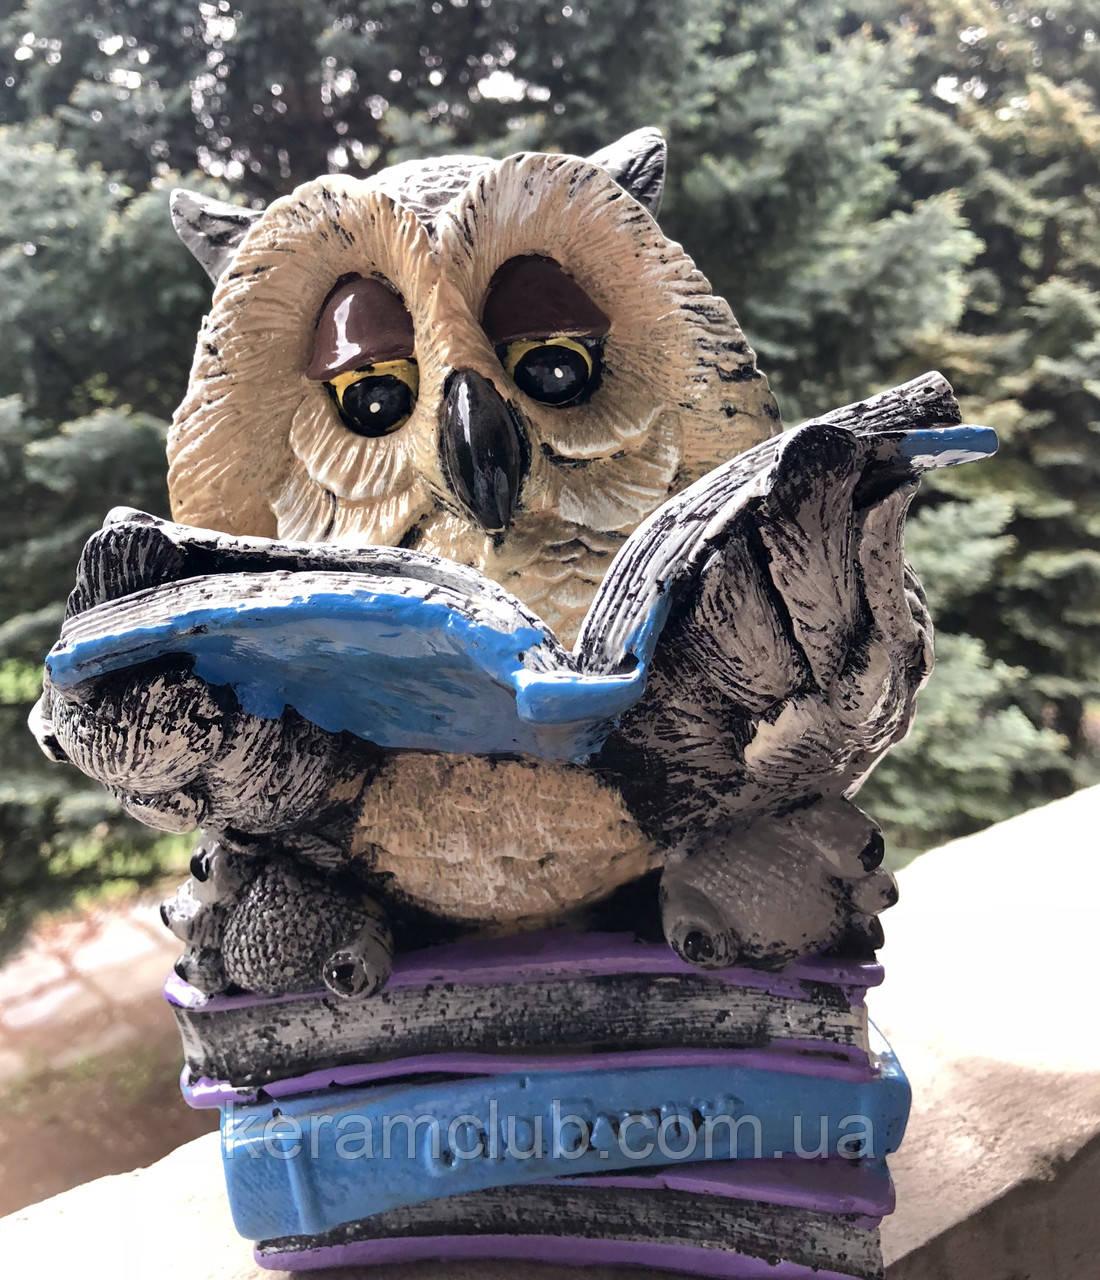 Сувенир Сова с книгой: продажа, цена в Славянске ...